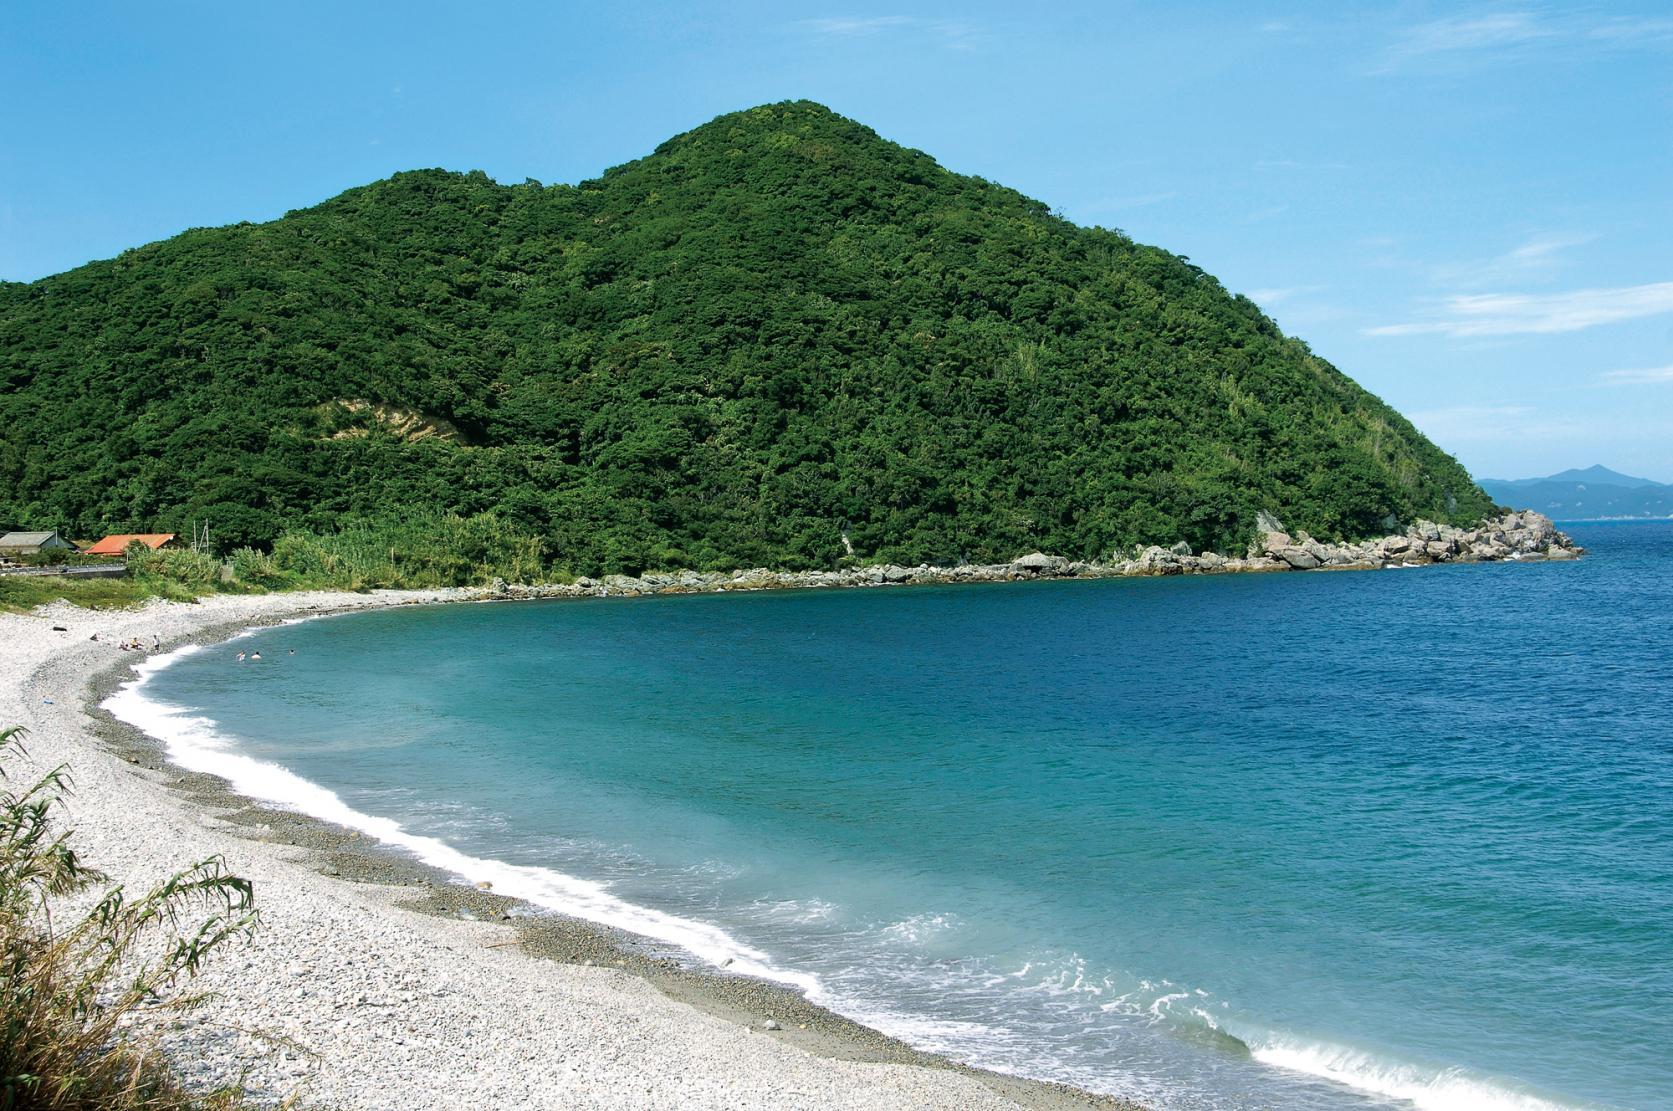 白い砂浜と光り輝くコバルトブルーの海に感動!-2